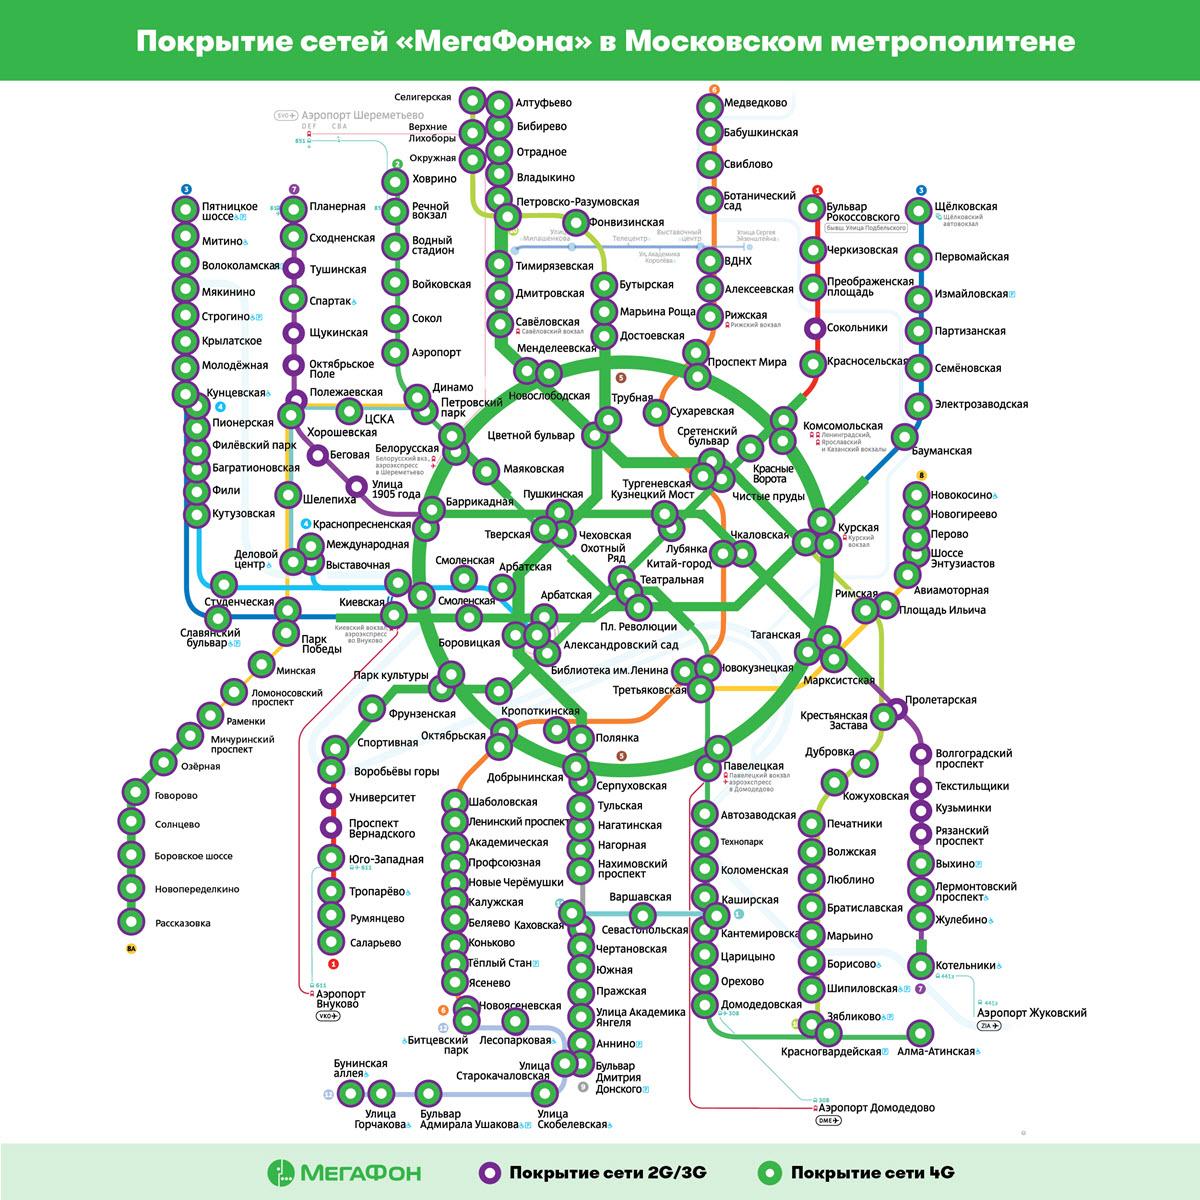 покрытие сети мегафона в московском метро